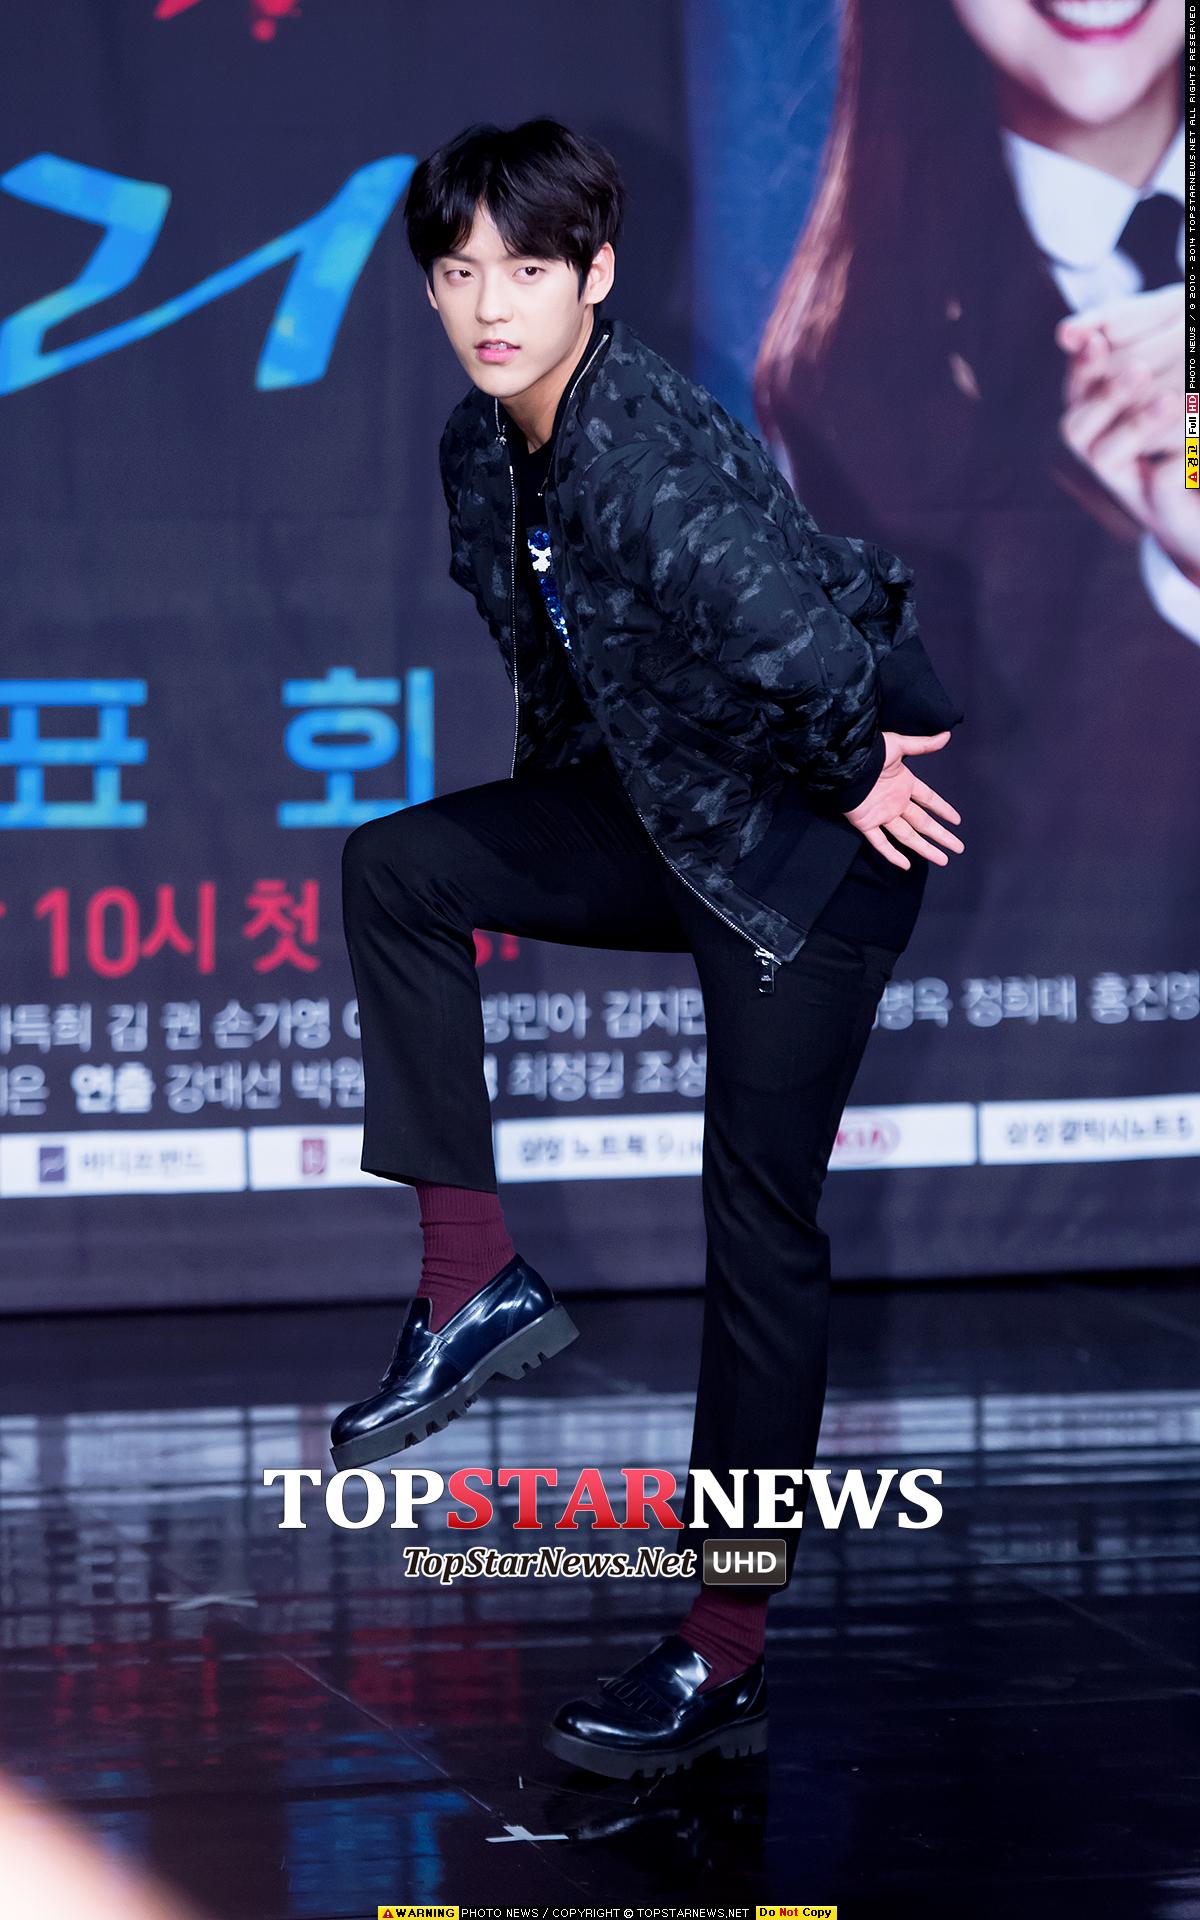 可能是出場都已經丟臉成這樣,旼赫之後就放膽搞笑拍照了~這是什麼old school的pose啊~